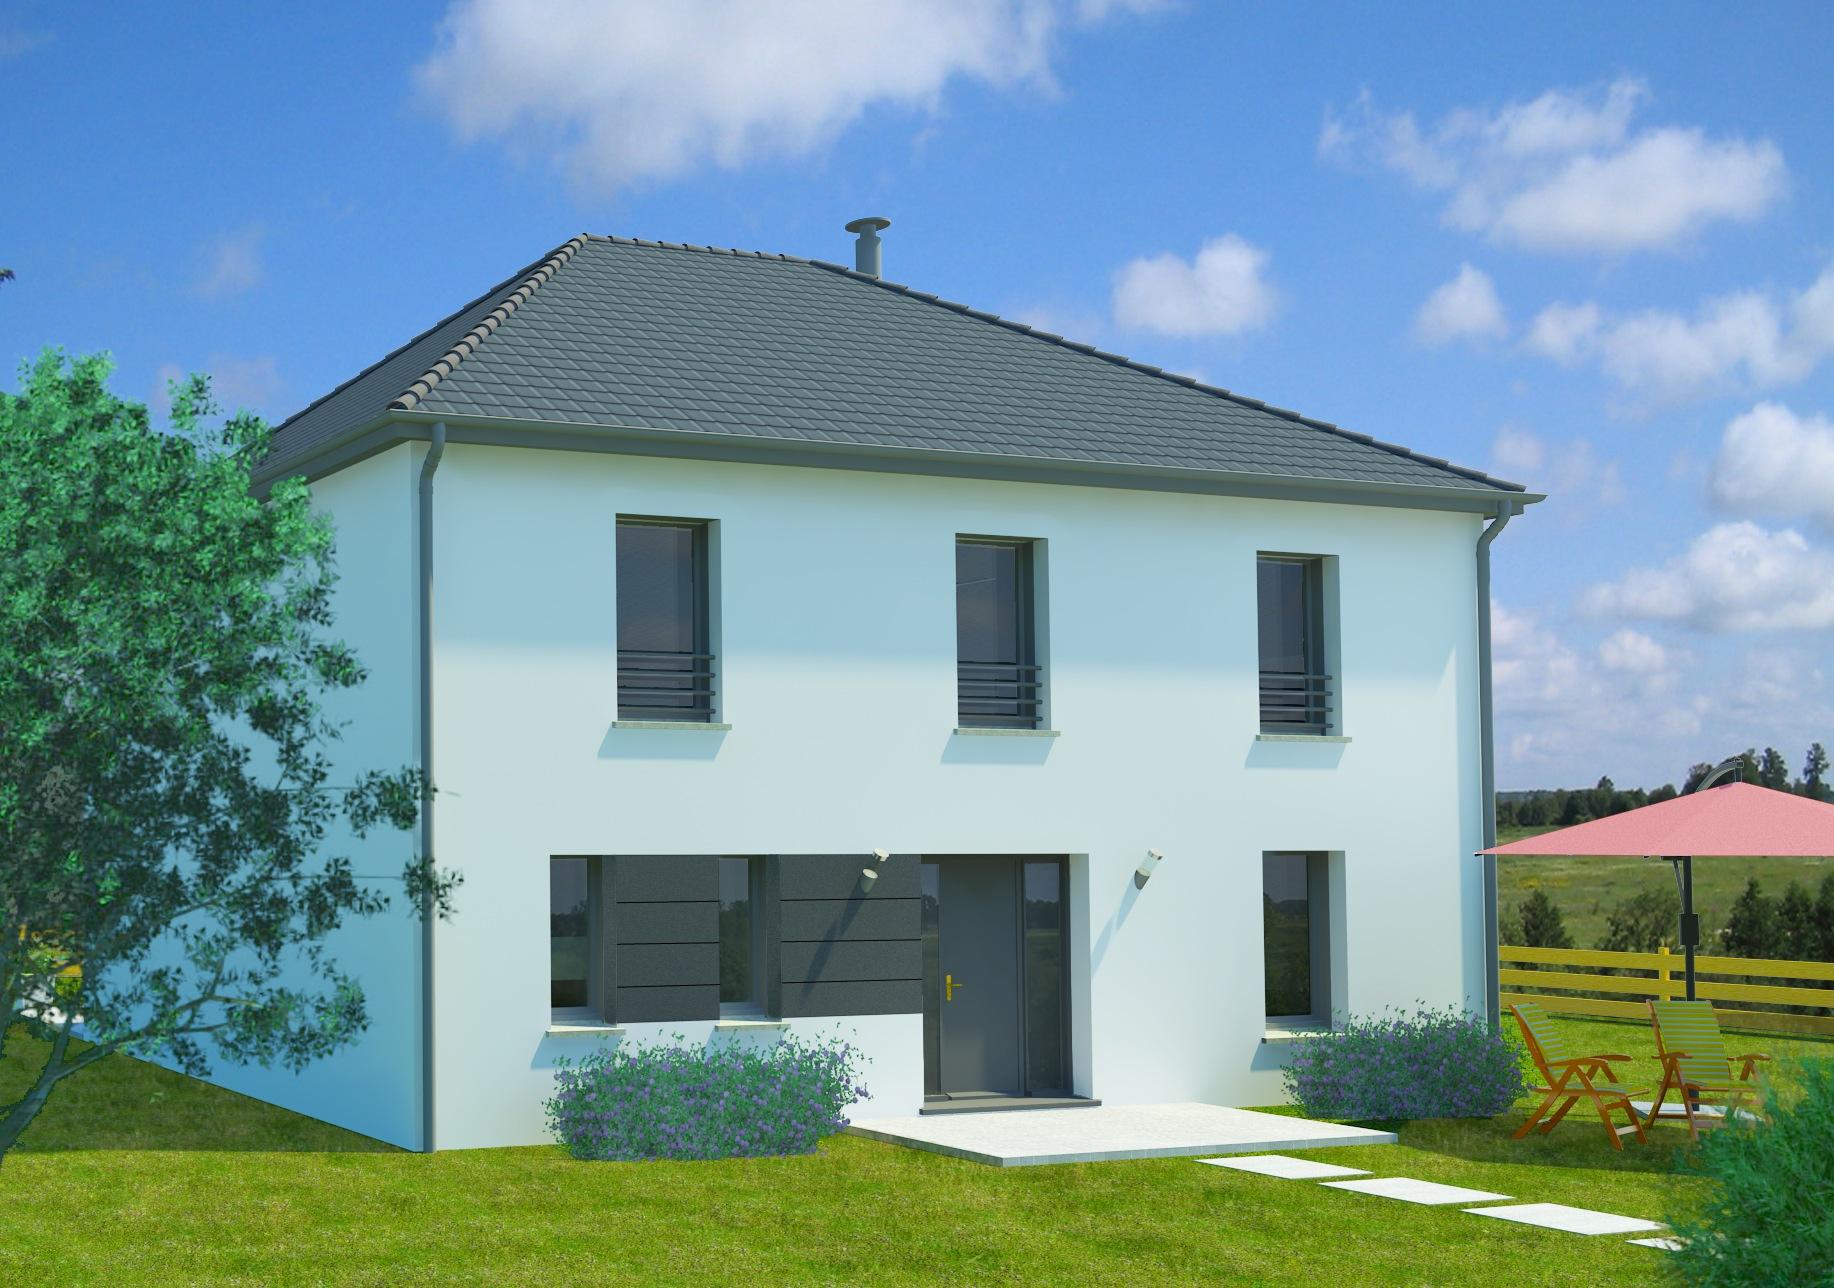 Maisons + Terrains du constructeur MAISON FAMILIALE • 90 m² • PERIGNY SUR YERRES